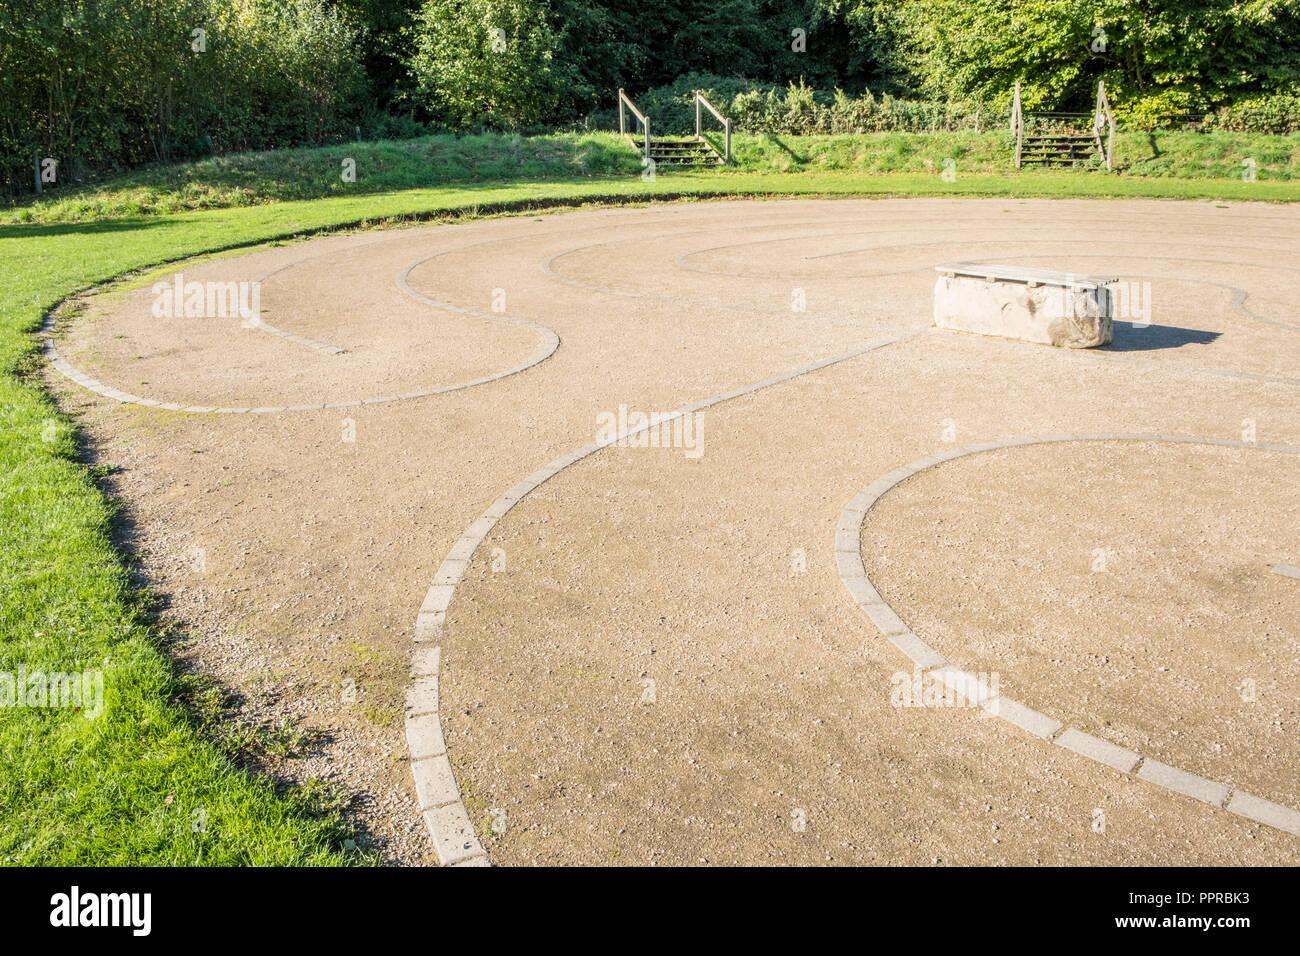 Labyrinth, Rushcliffe Country Park, Ruddington, Nottinghamshire, England, UK - Stock Image